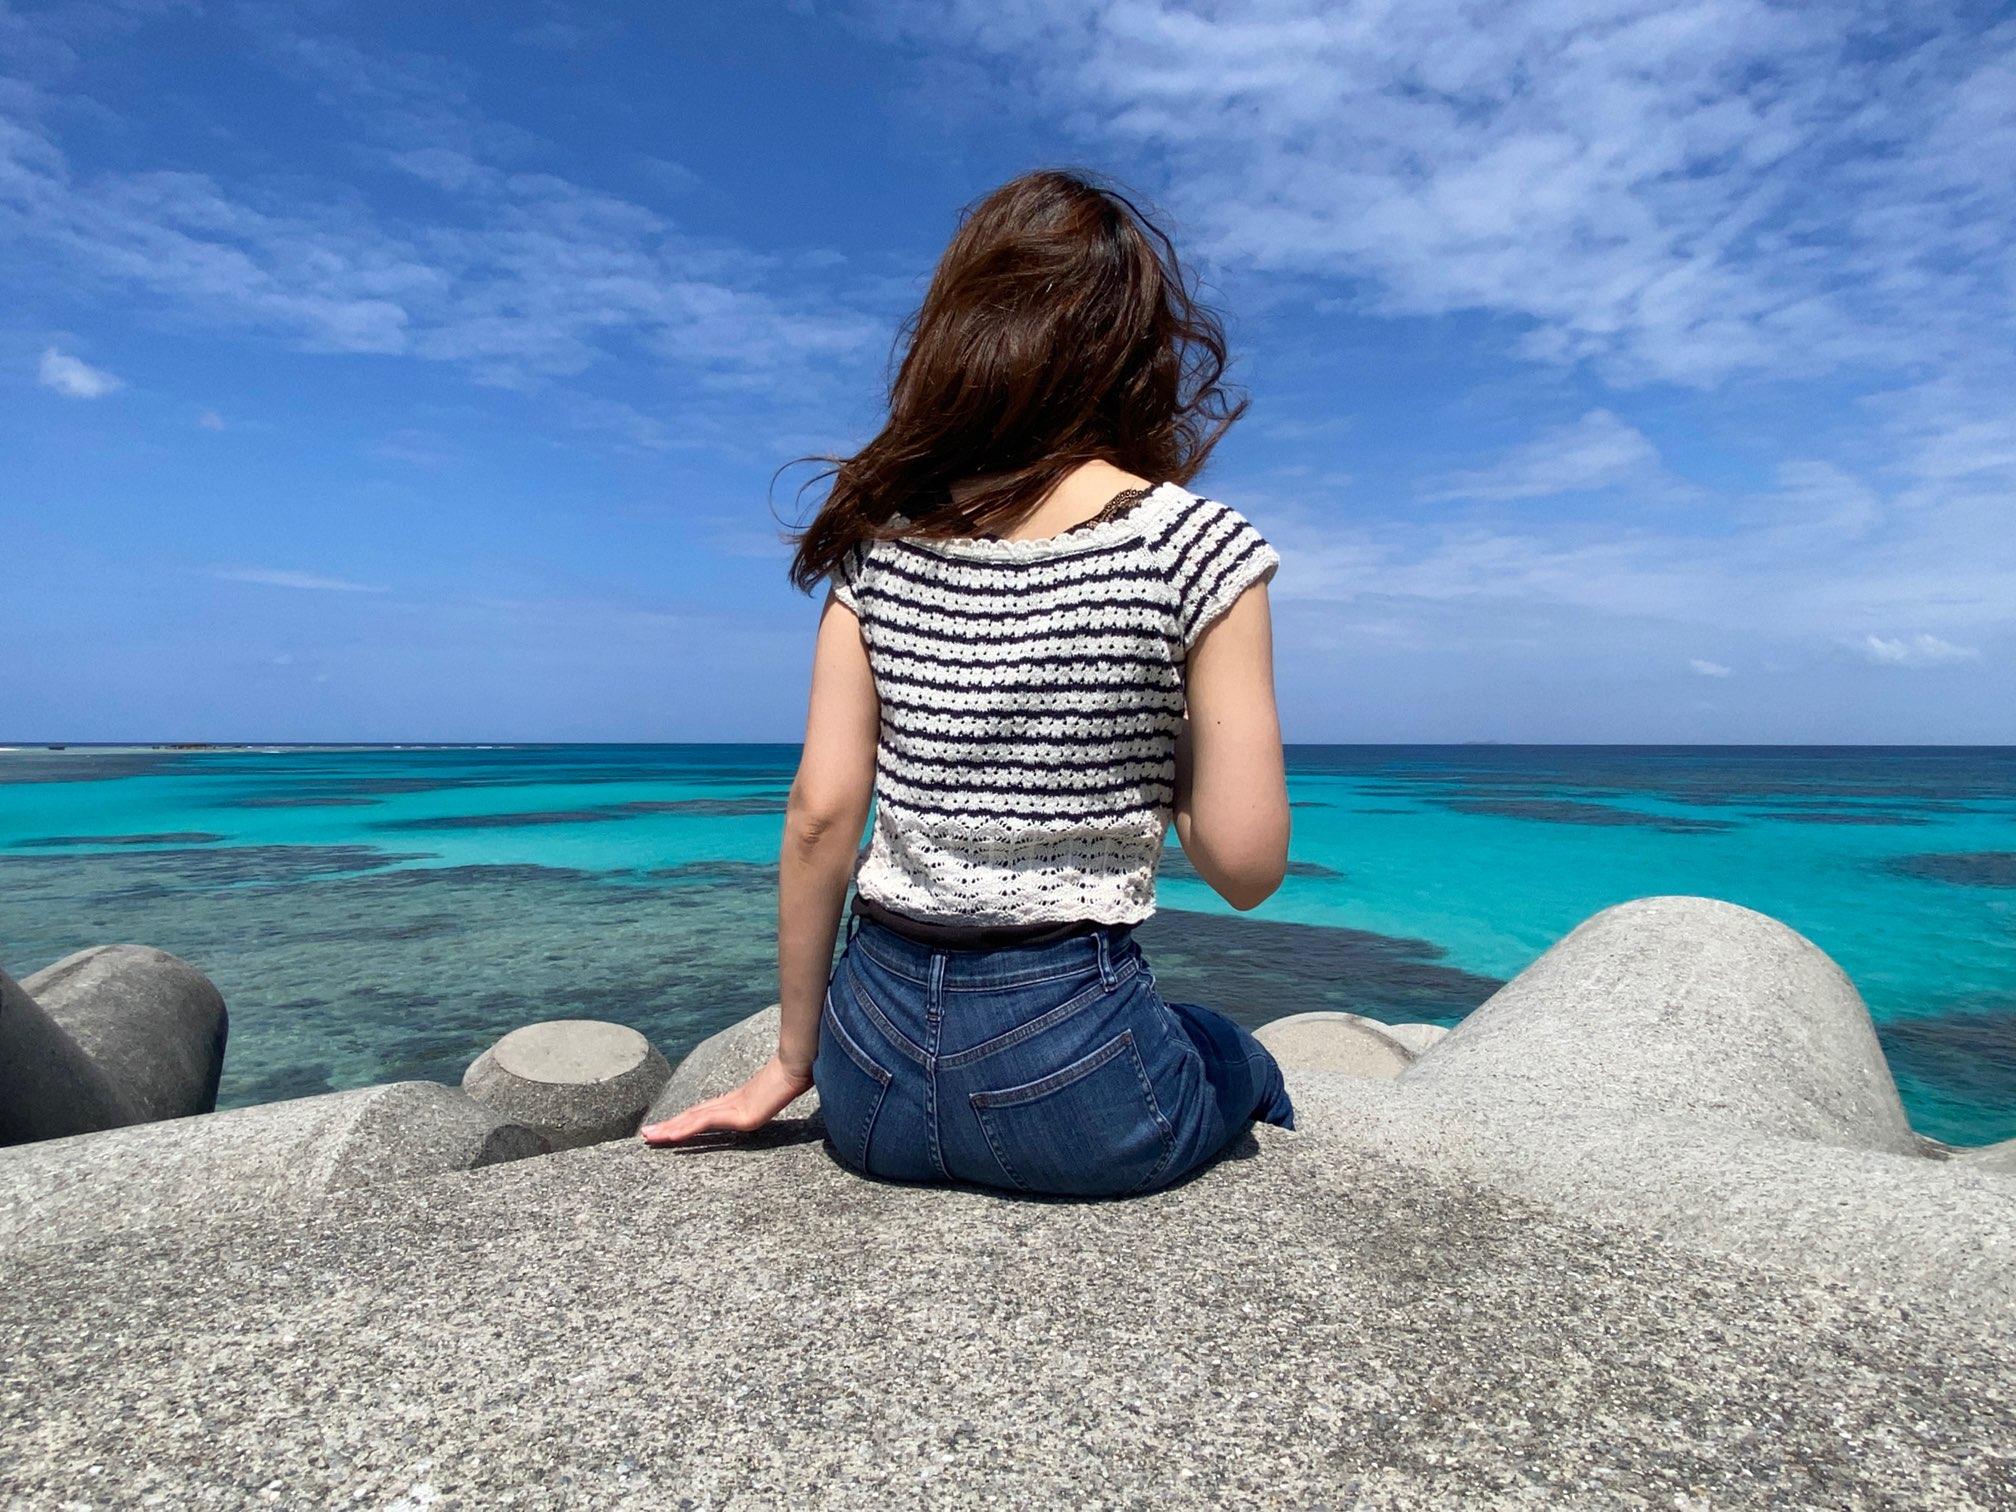 【沖縄】女一人で何もしない旅に行ってみた。《PART2》_8